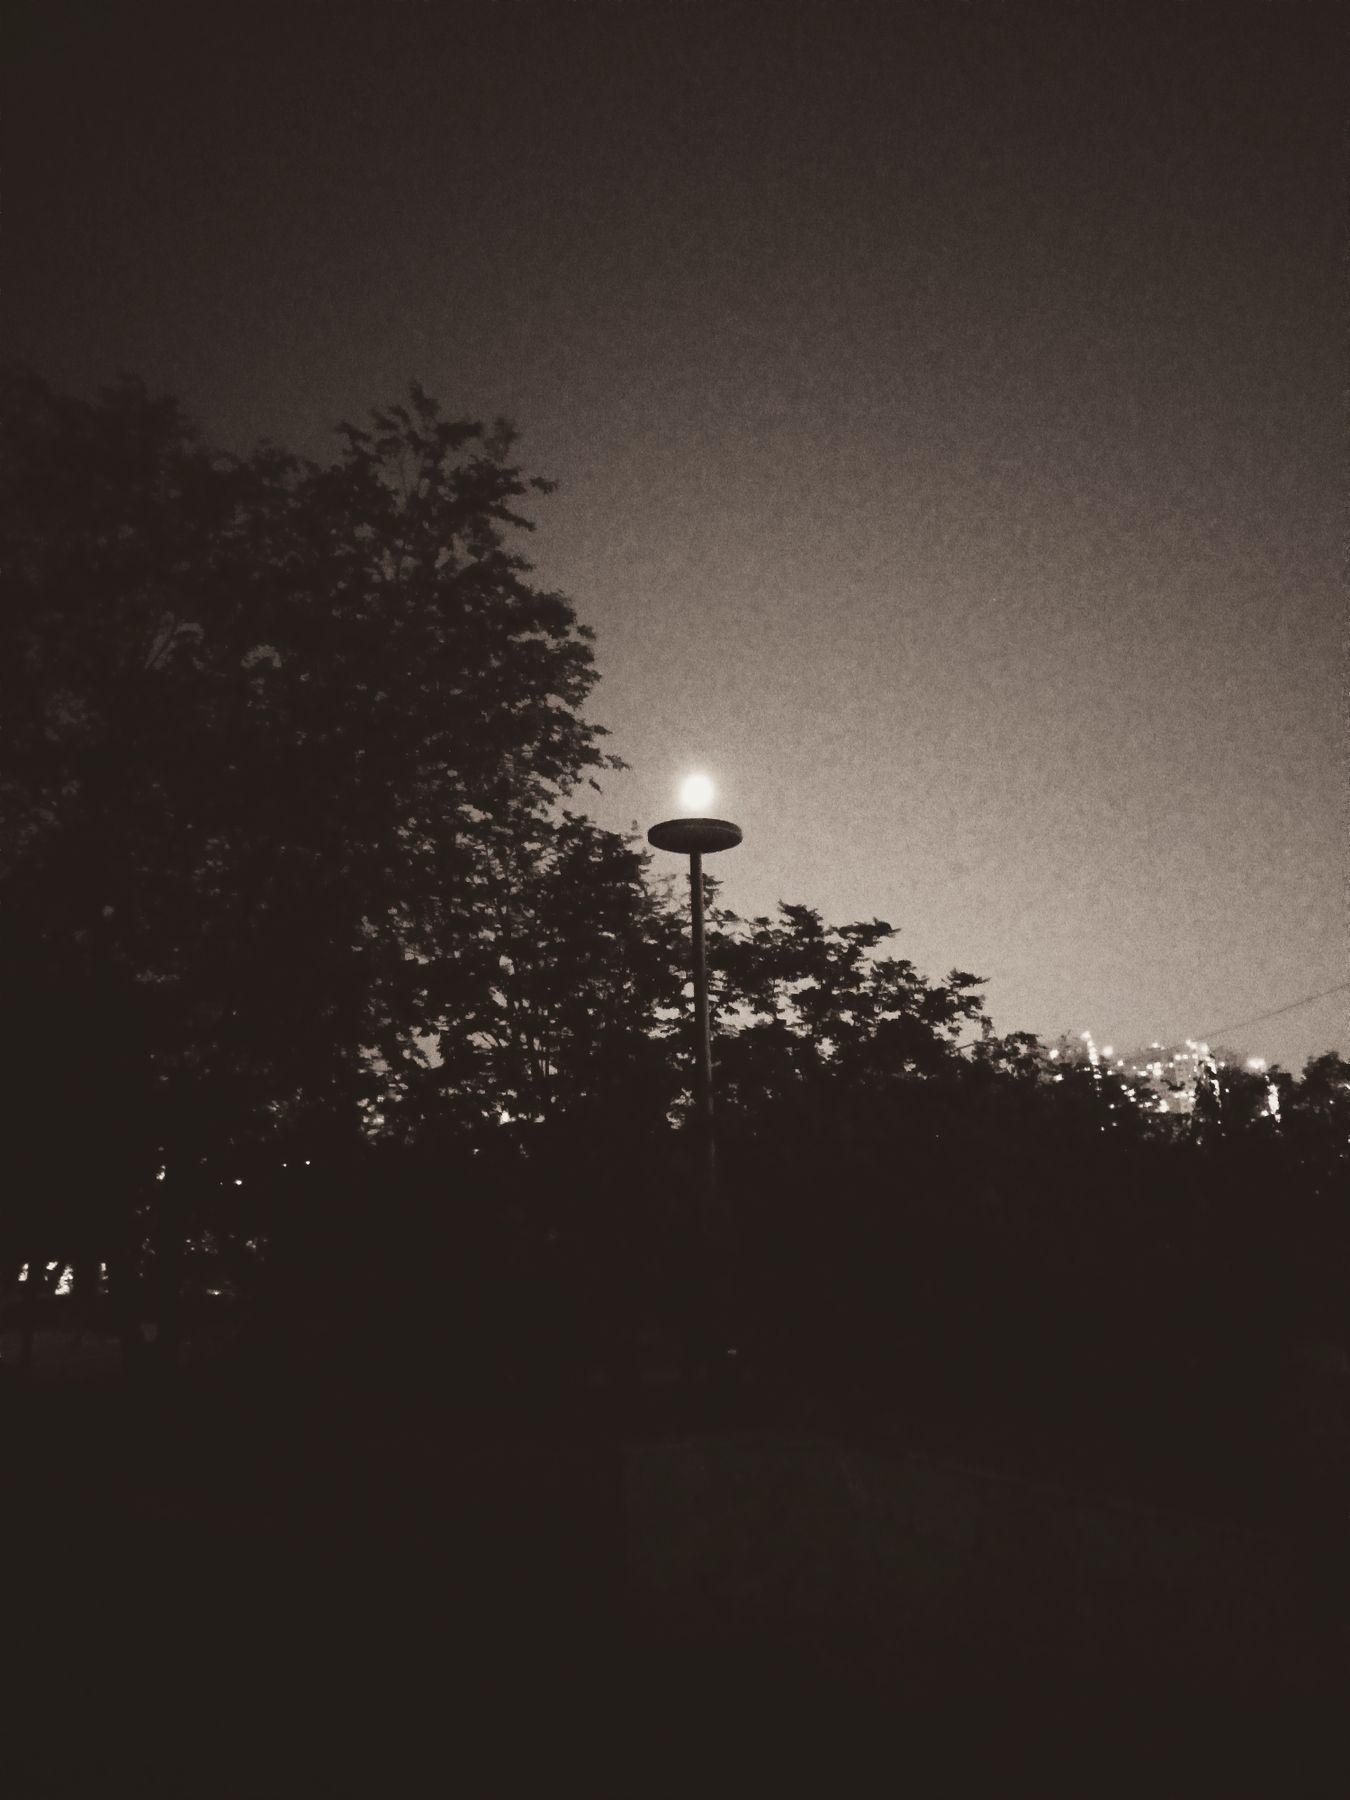 Лунный фонарь Город ночной город фонарь луна на блюде факел свечка освещение луной лунный сепия чёрно-белое фото свет луны и тьма